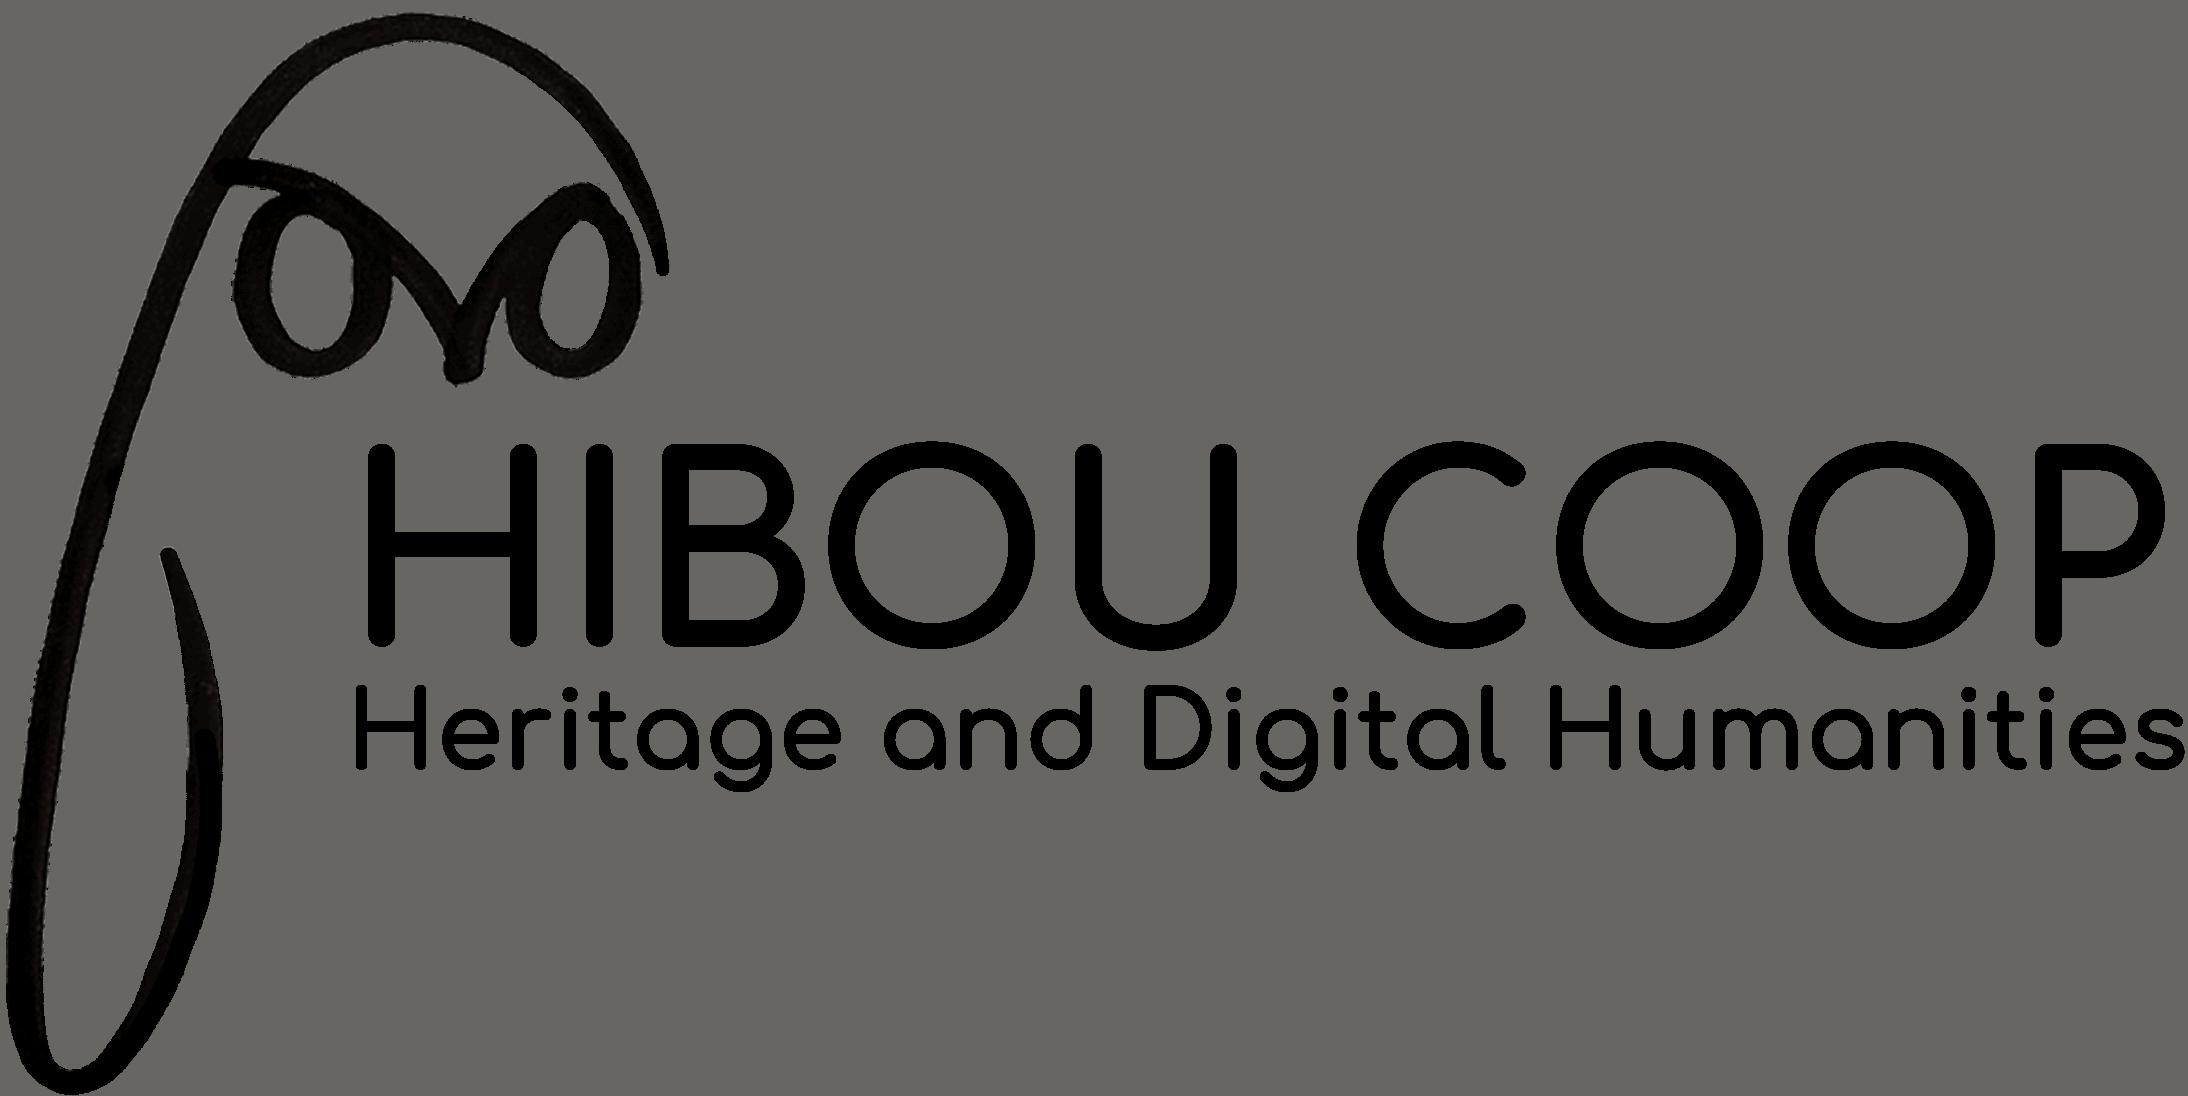 Hiboucoop